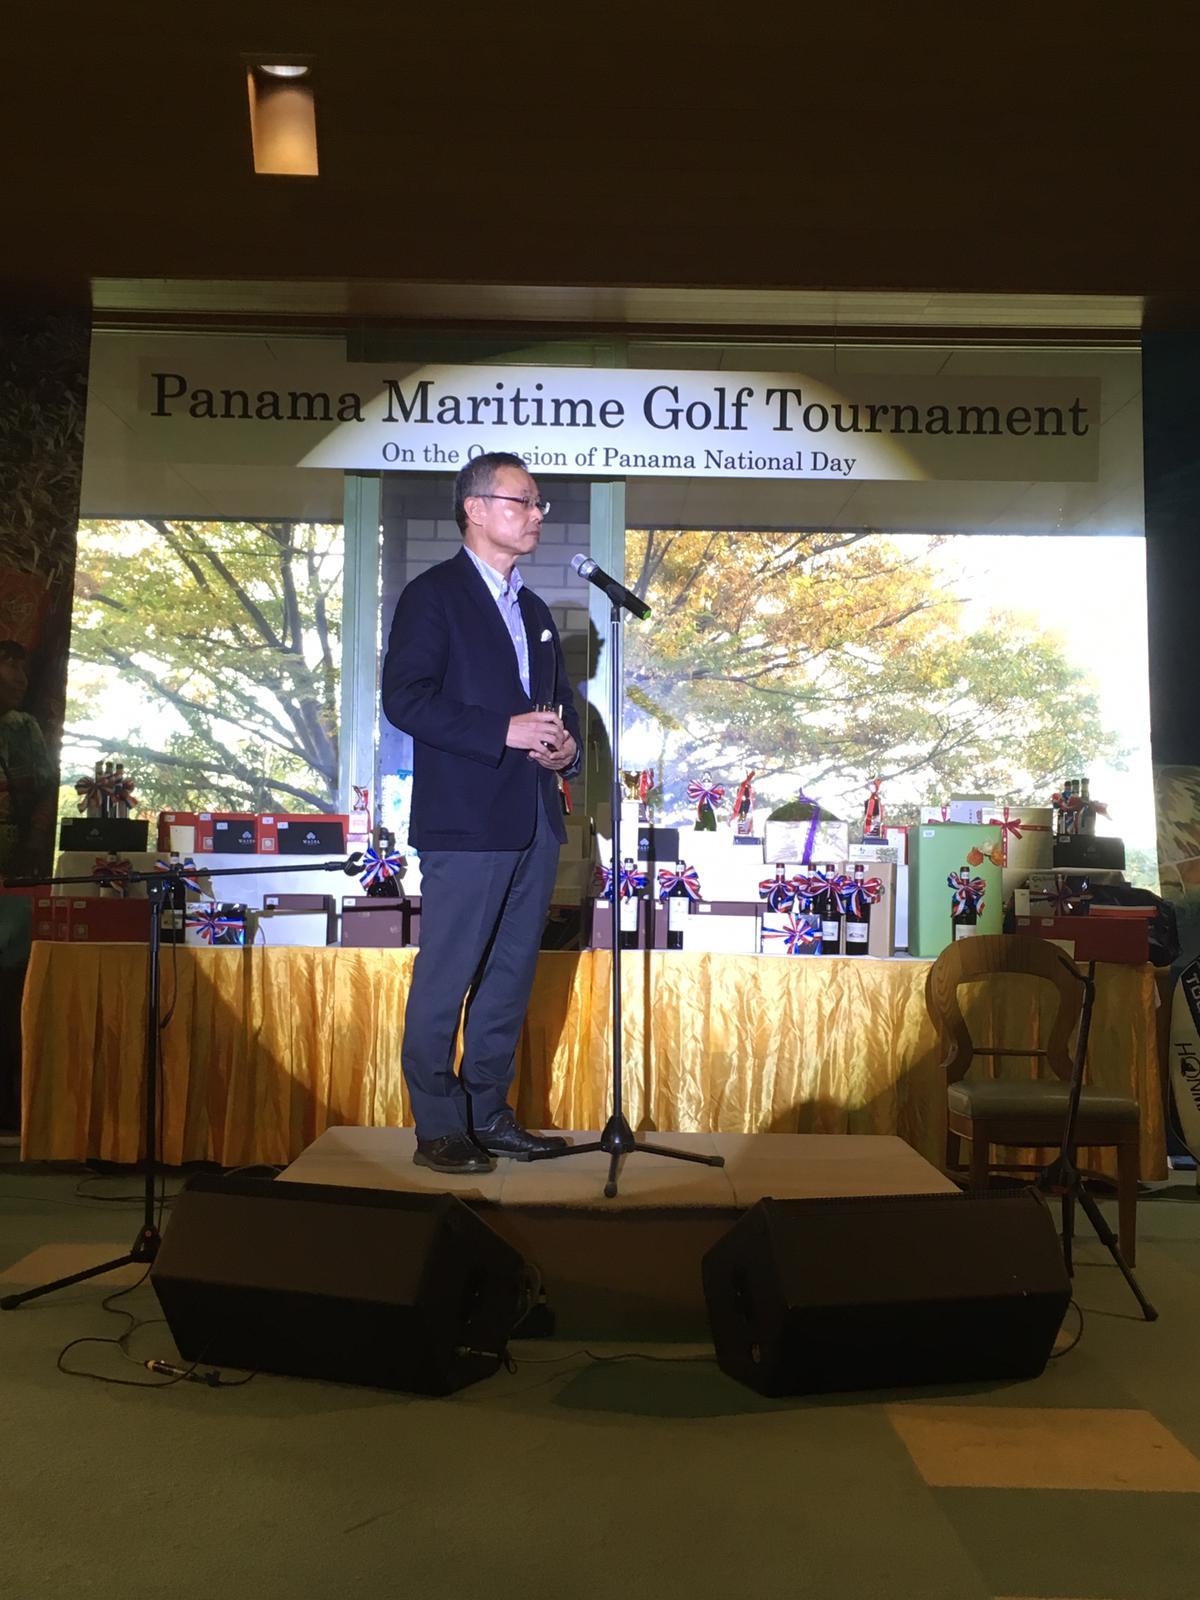 日本船主協会会長による乾杯の様子